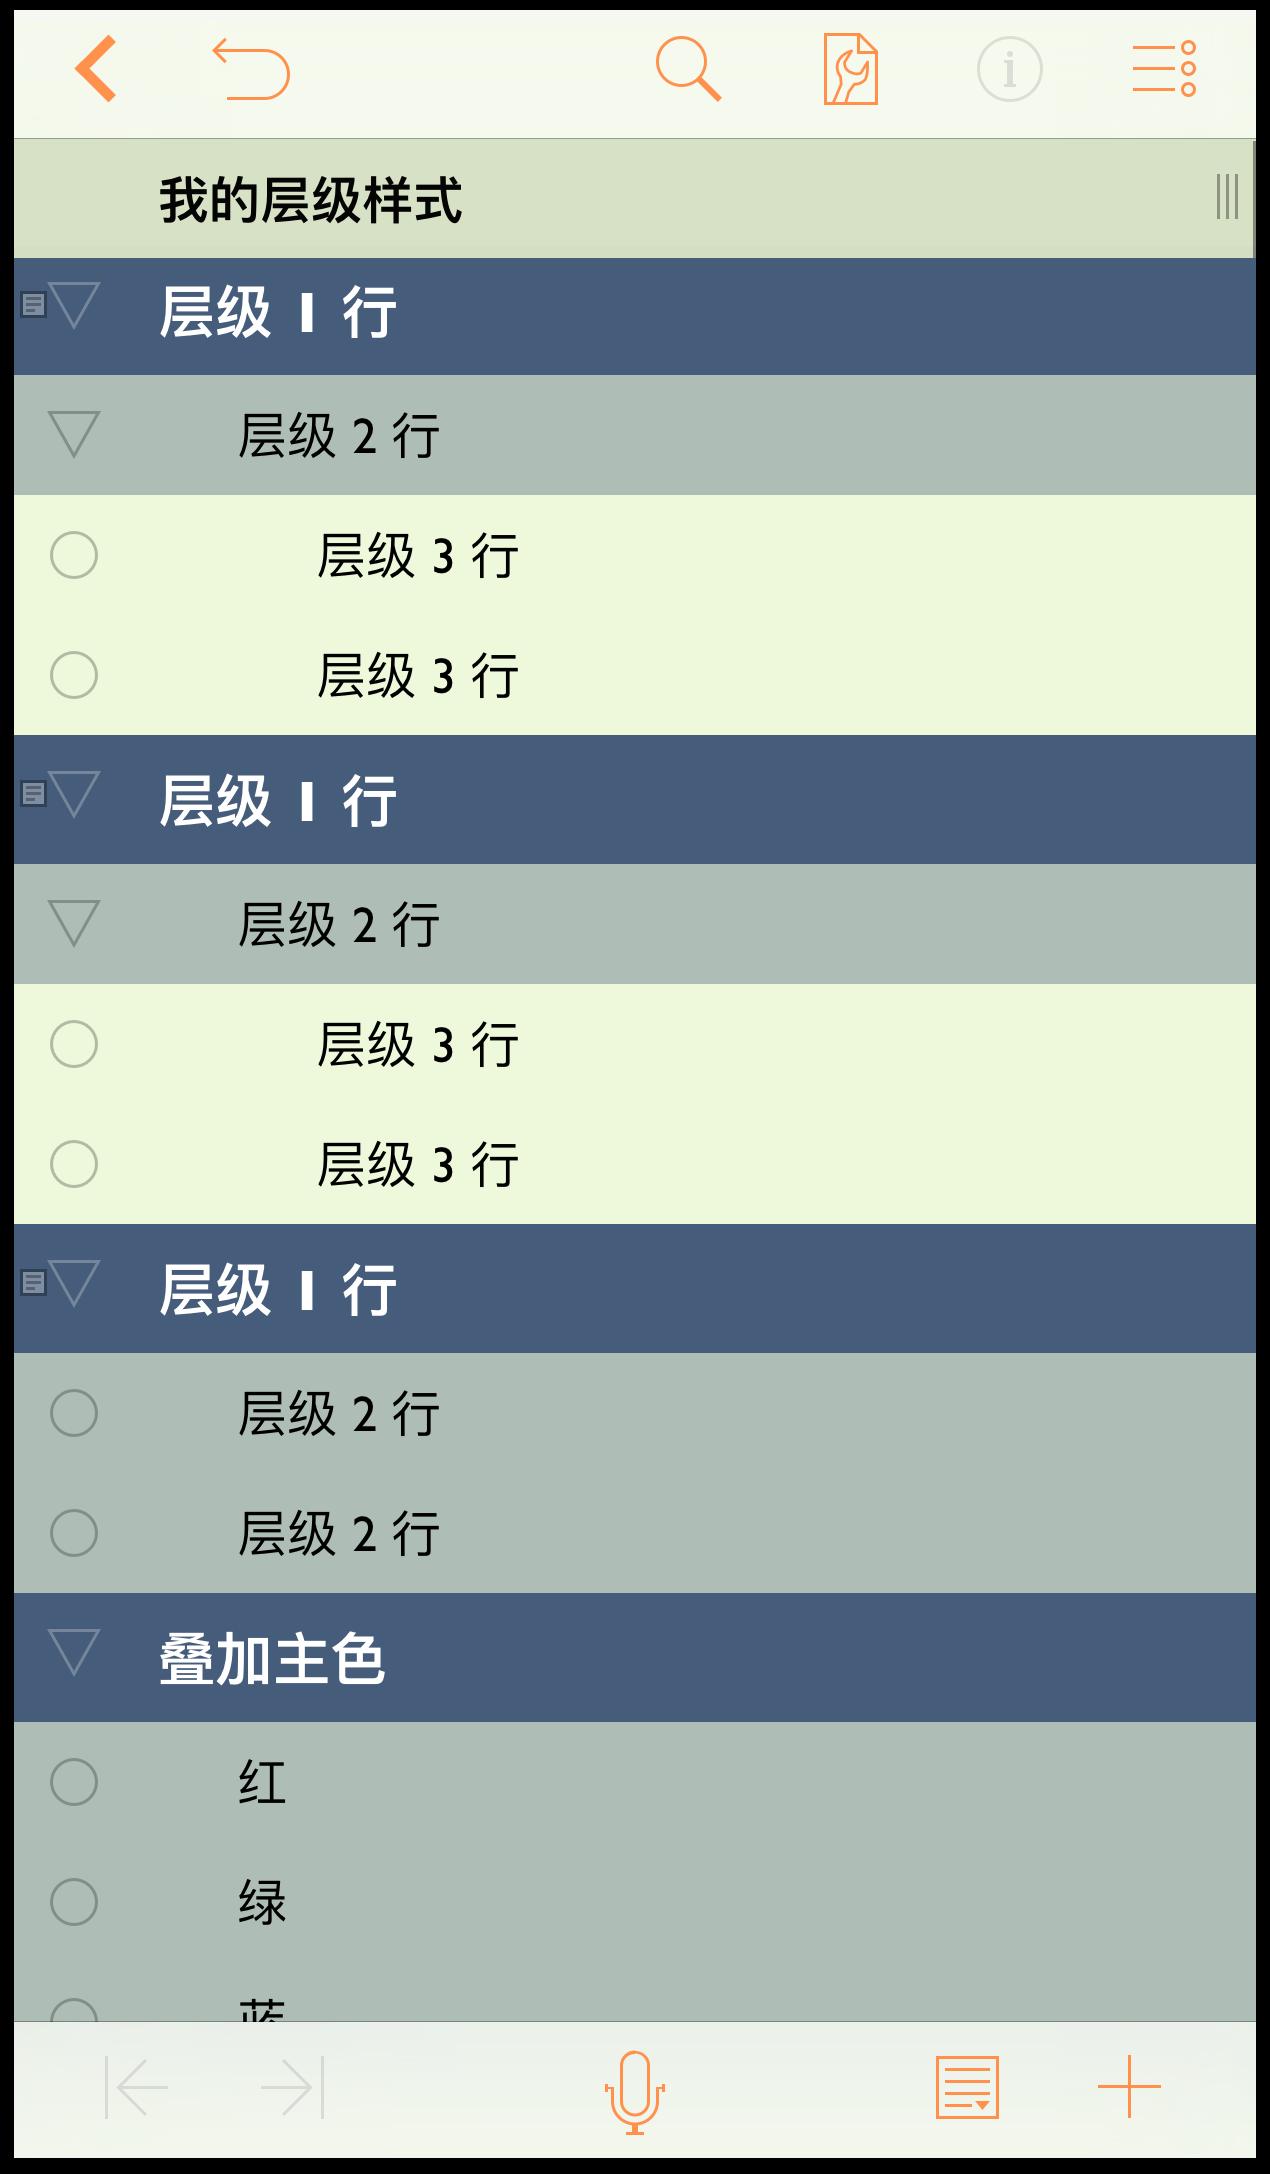 大纲显示对 2 级行样式的操作结果